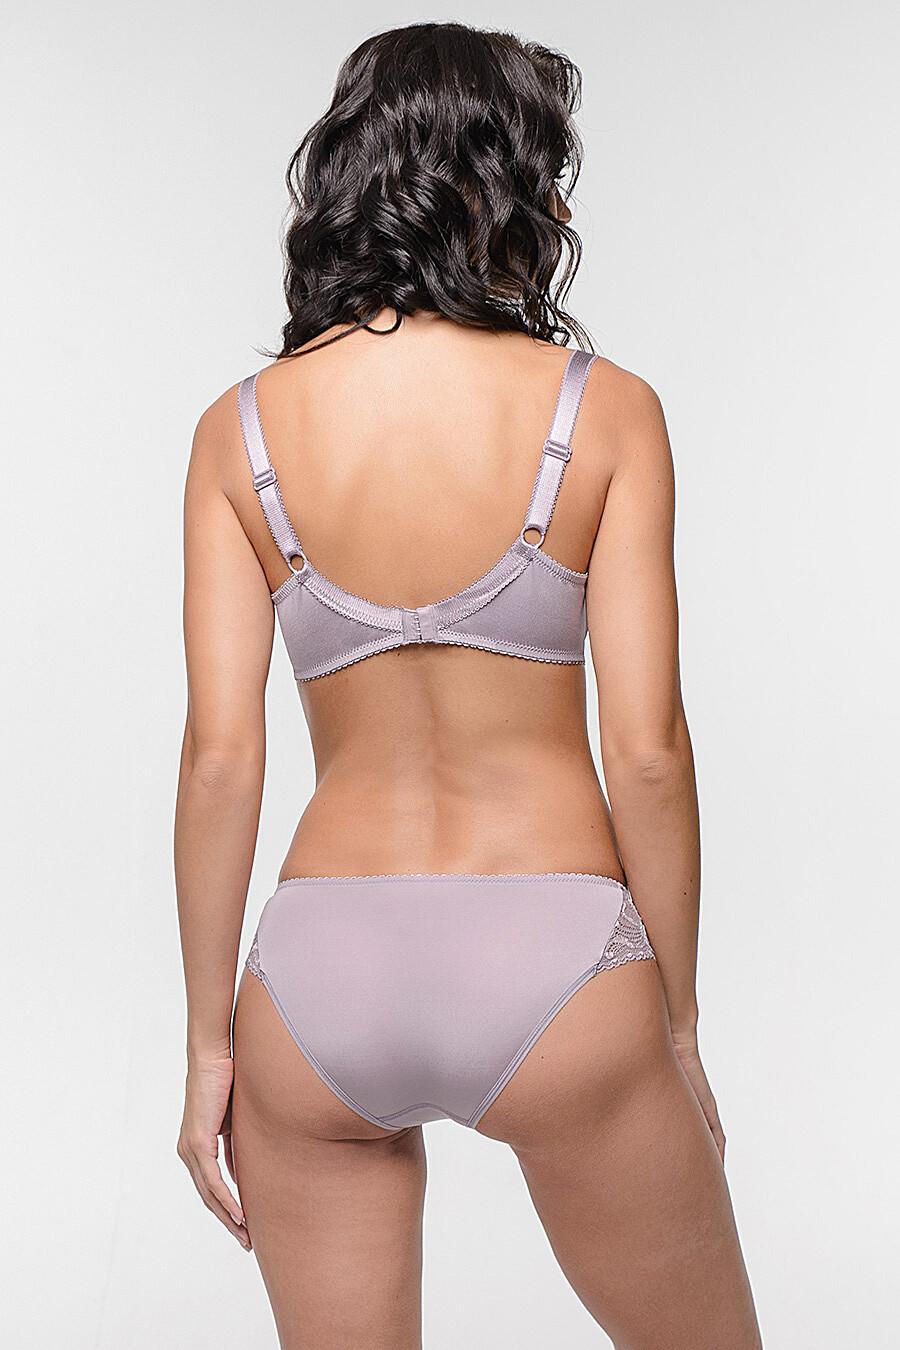 Бюстгальтер для женщин MILADY 247784 купить оптом от производителя. Совместная покупка женской одежды в OptMoyo